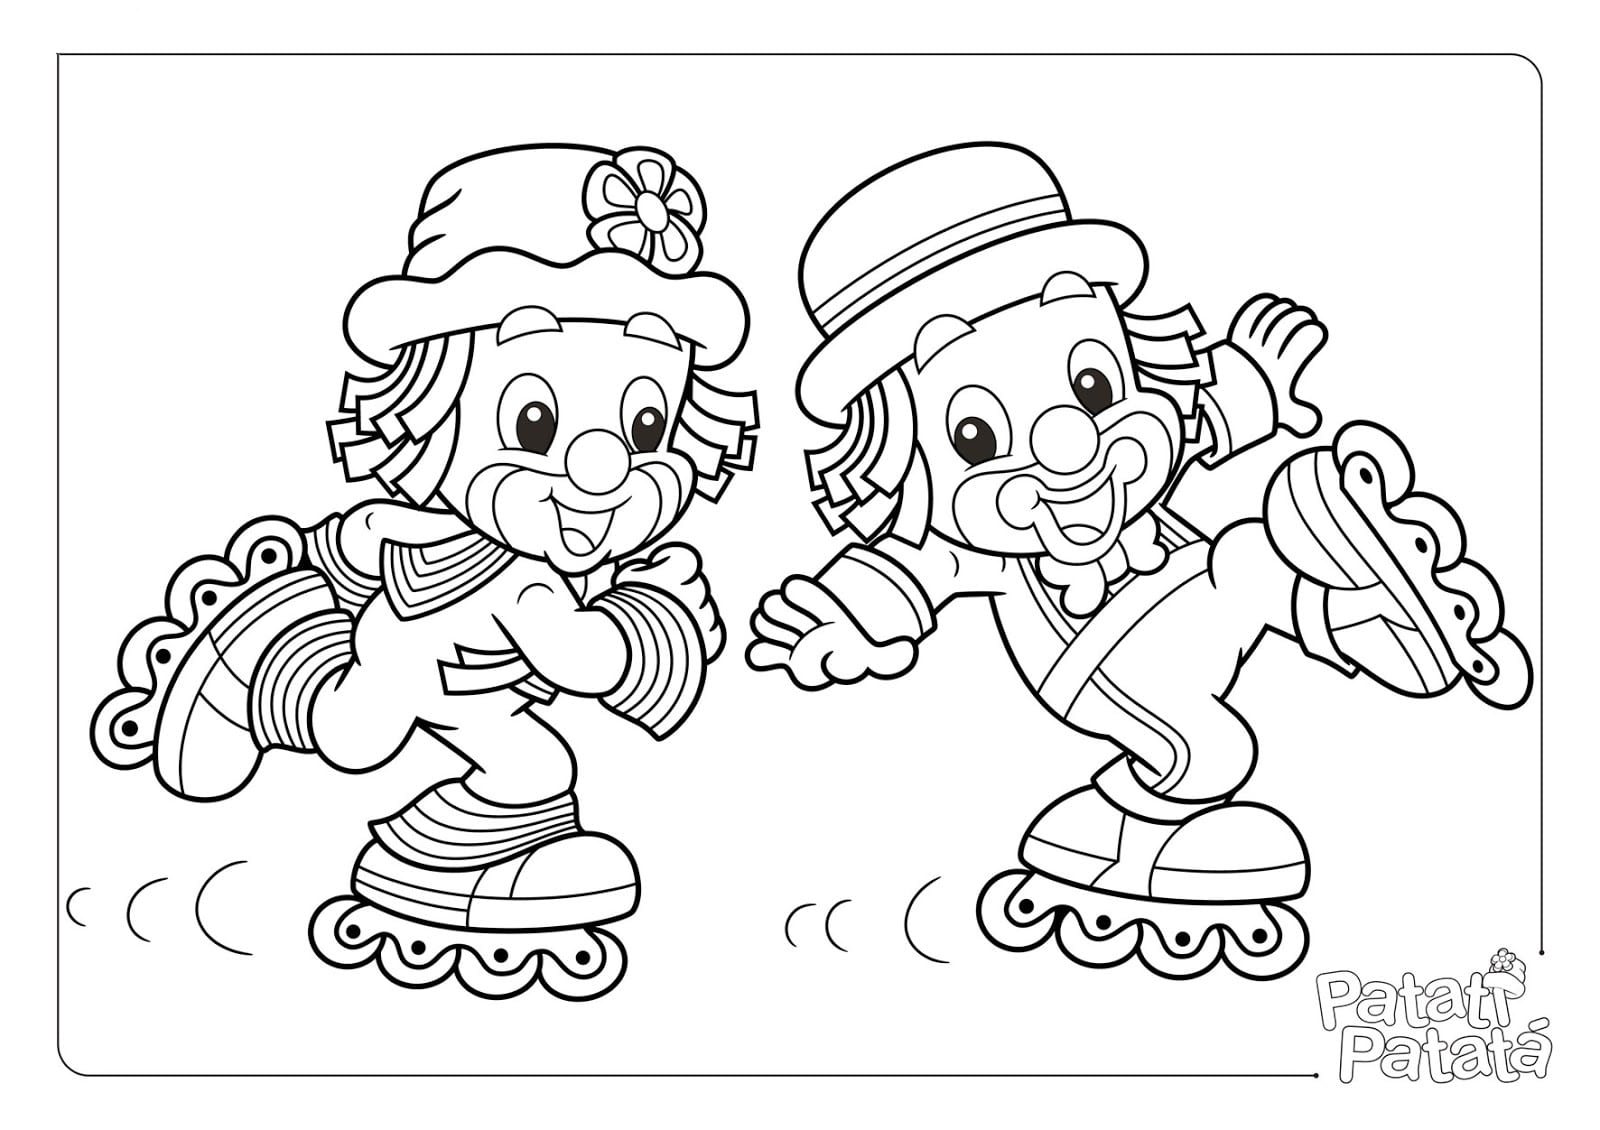 Desenhos Para Colorir E Imprimir  Desenhos Do Patati Patata Para